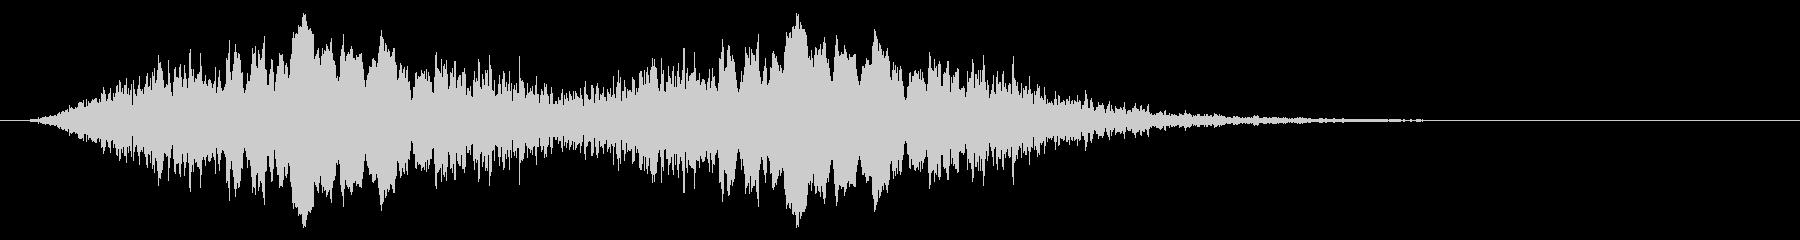 警告音 サイレン02-09(リバーブ 速の未再生の波形